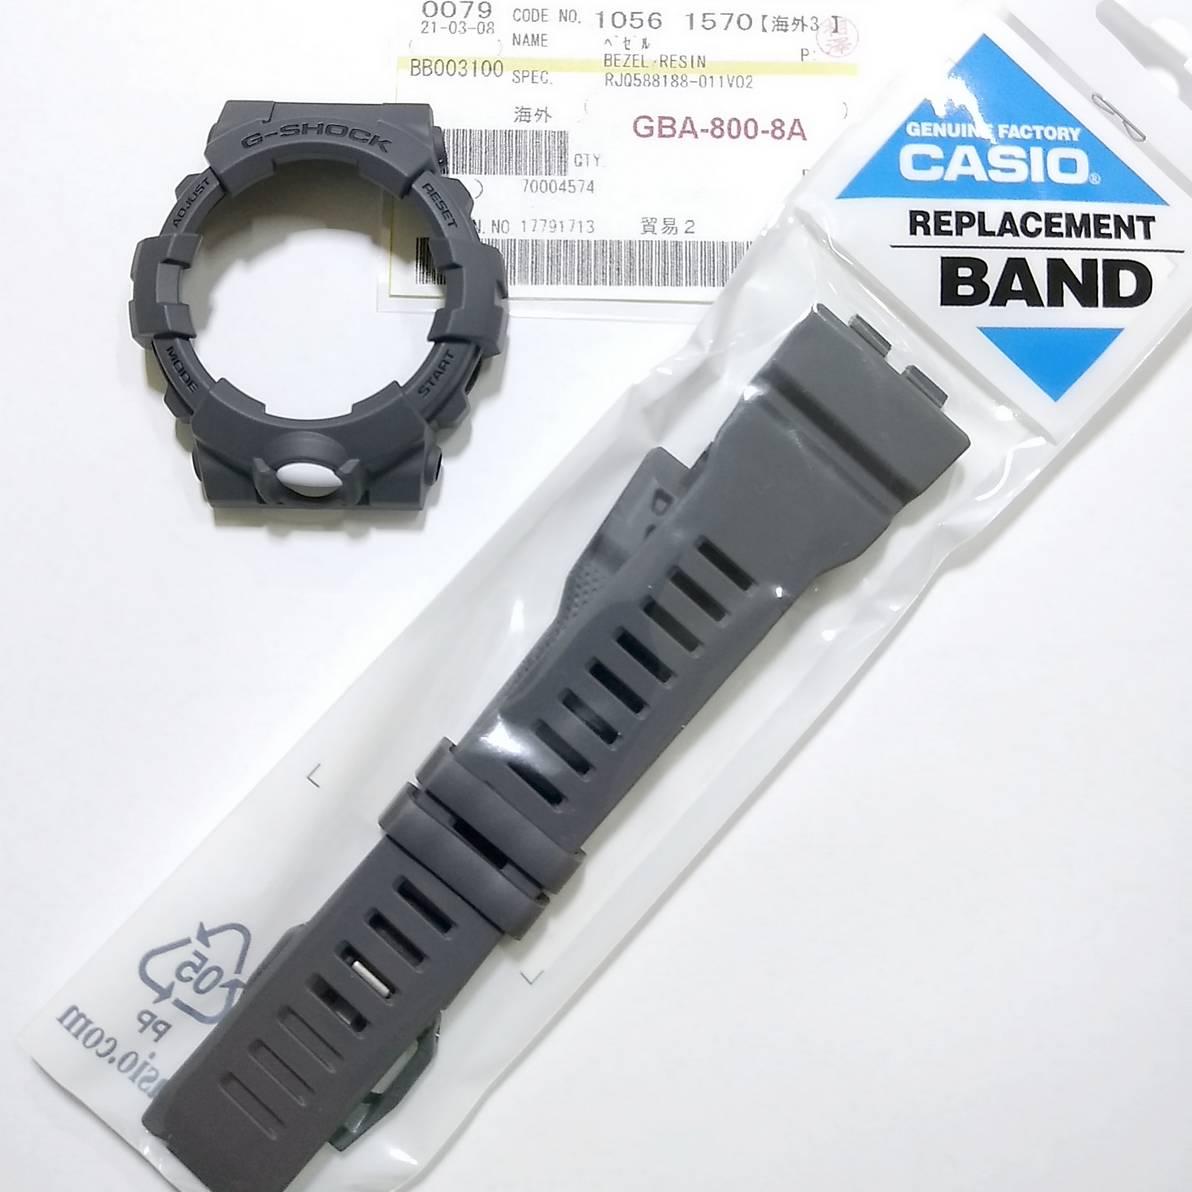 Pulseira + Bezel GBA-800-8A Casio G-Shock Resina Cinza Fosco  - E-Presentes